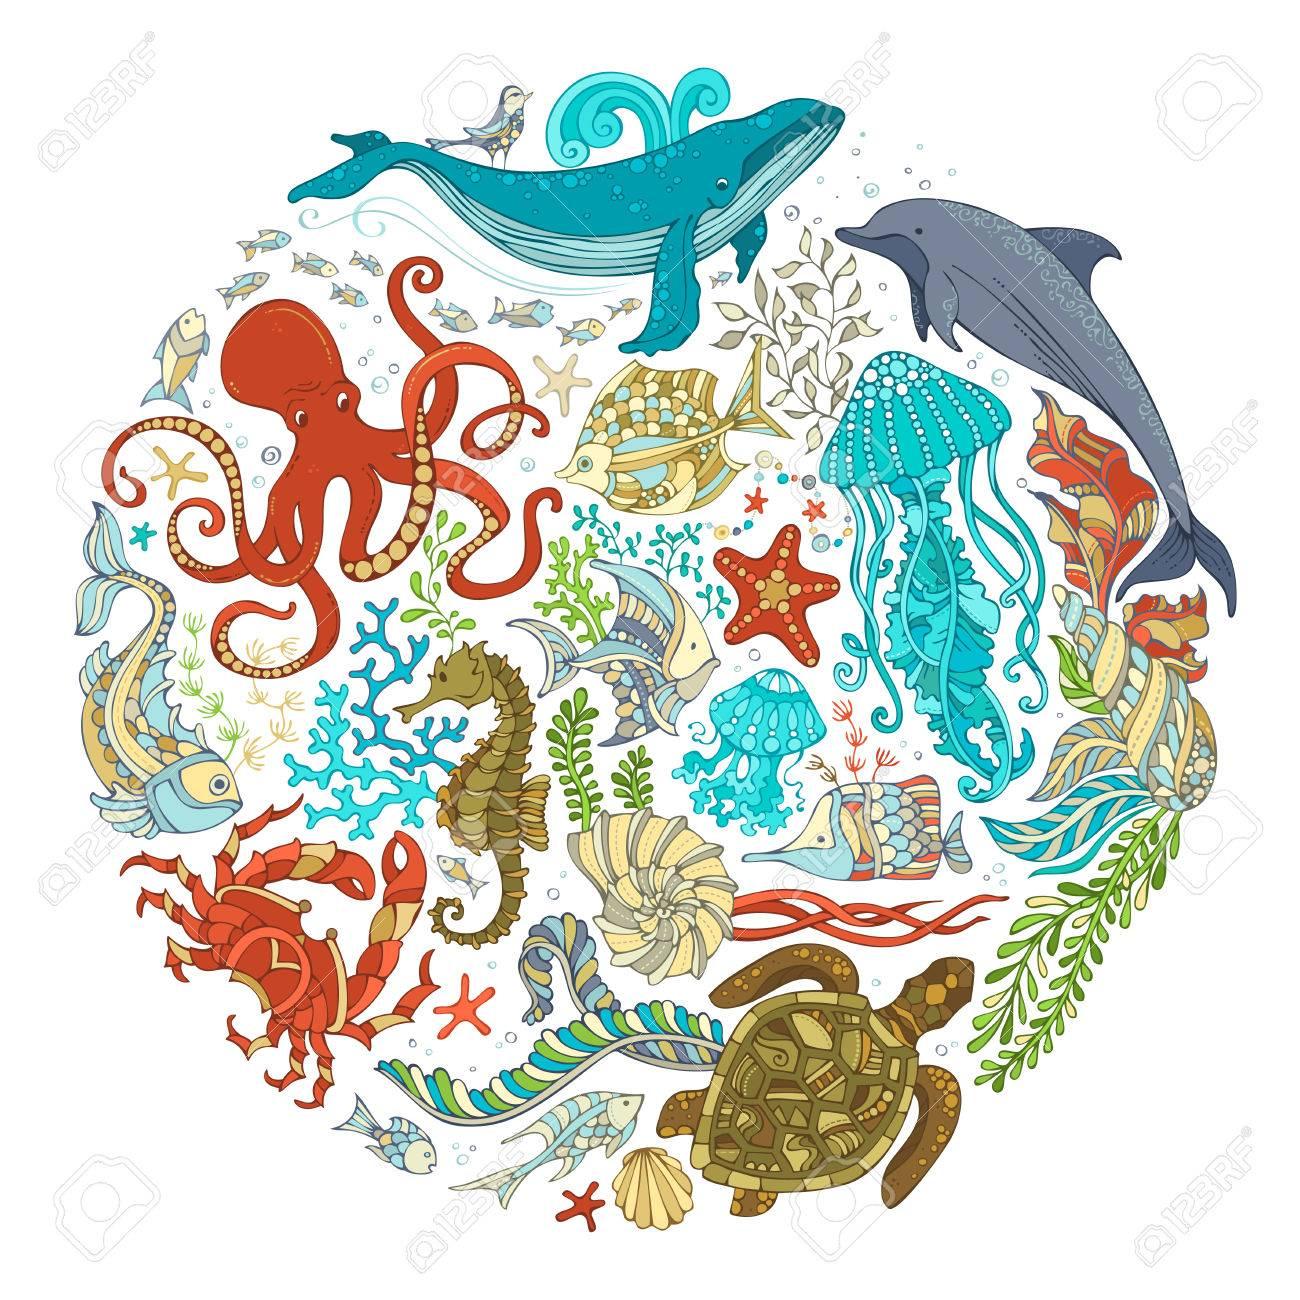 サークル ベクトルは、白い背景の上漫画シーライフ動物のセット